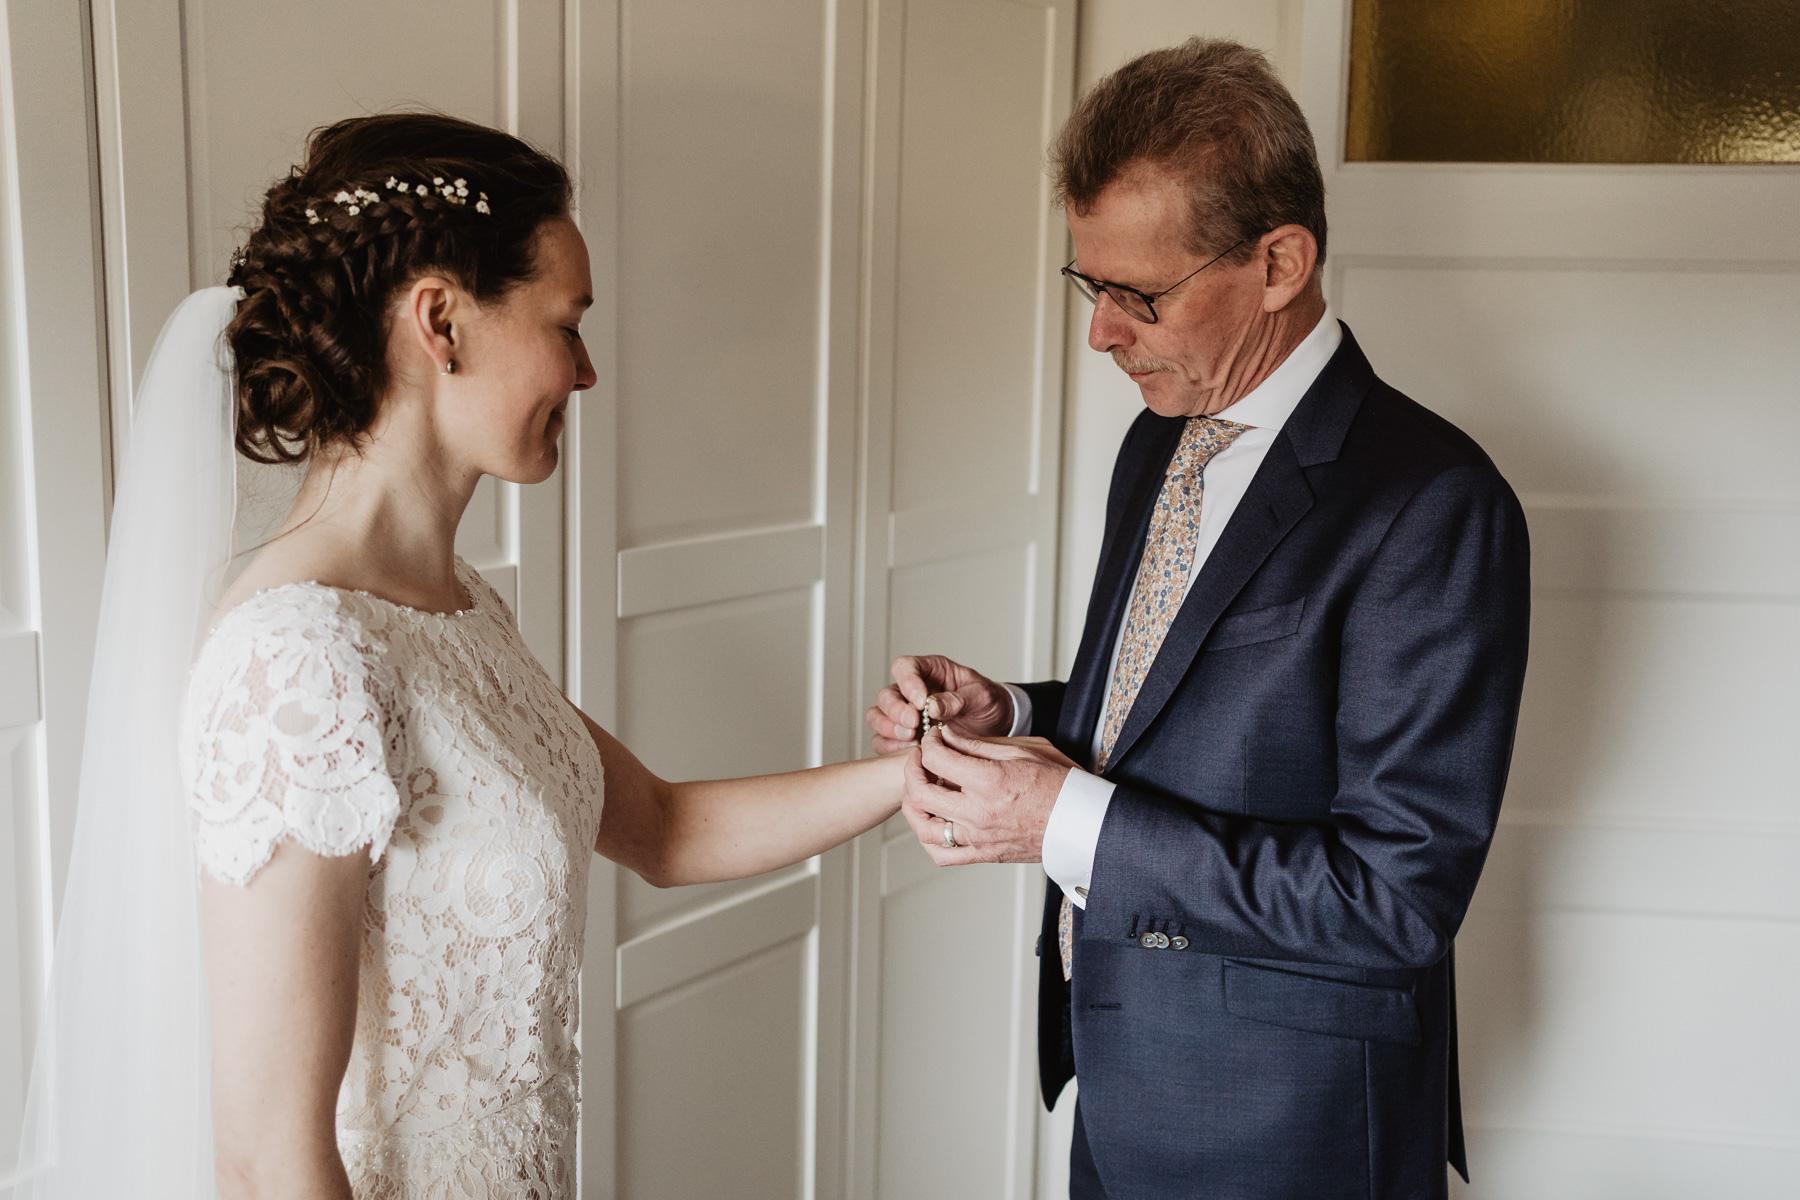 Vaders op bruiloften | Vaderdag | Vader van de bruid | Trouwfotograaf